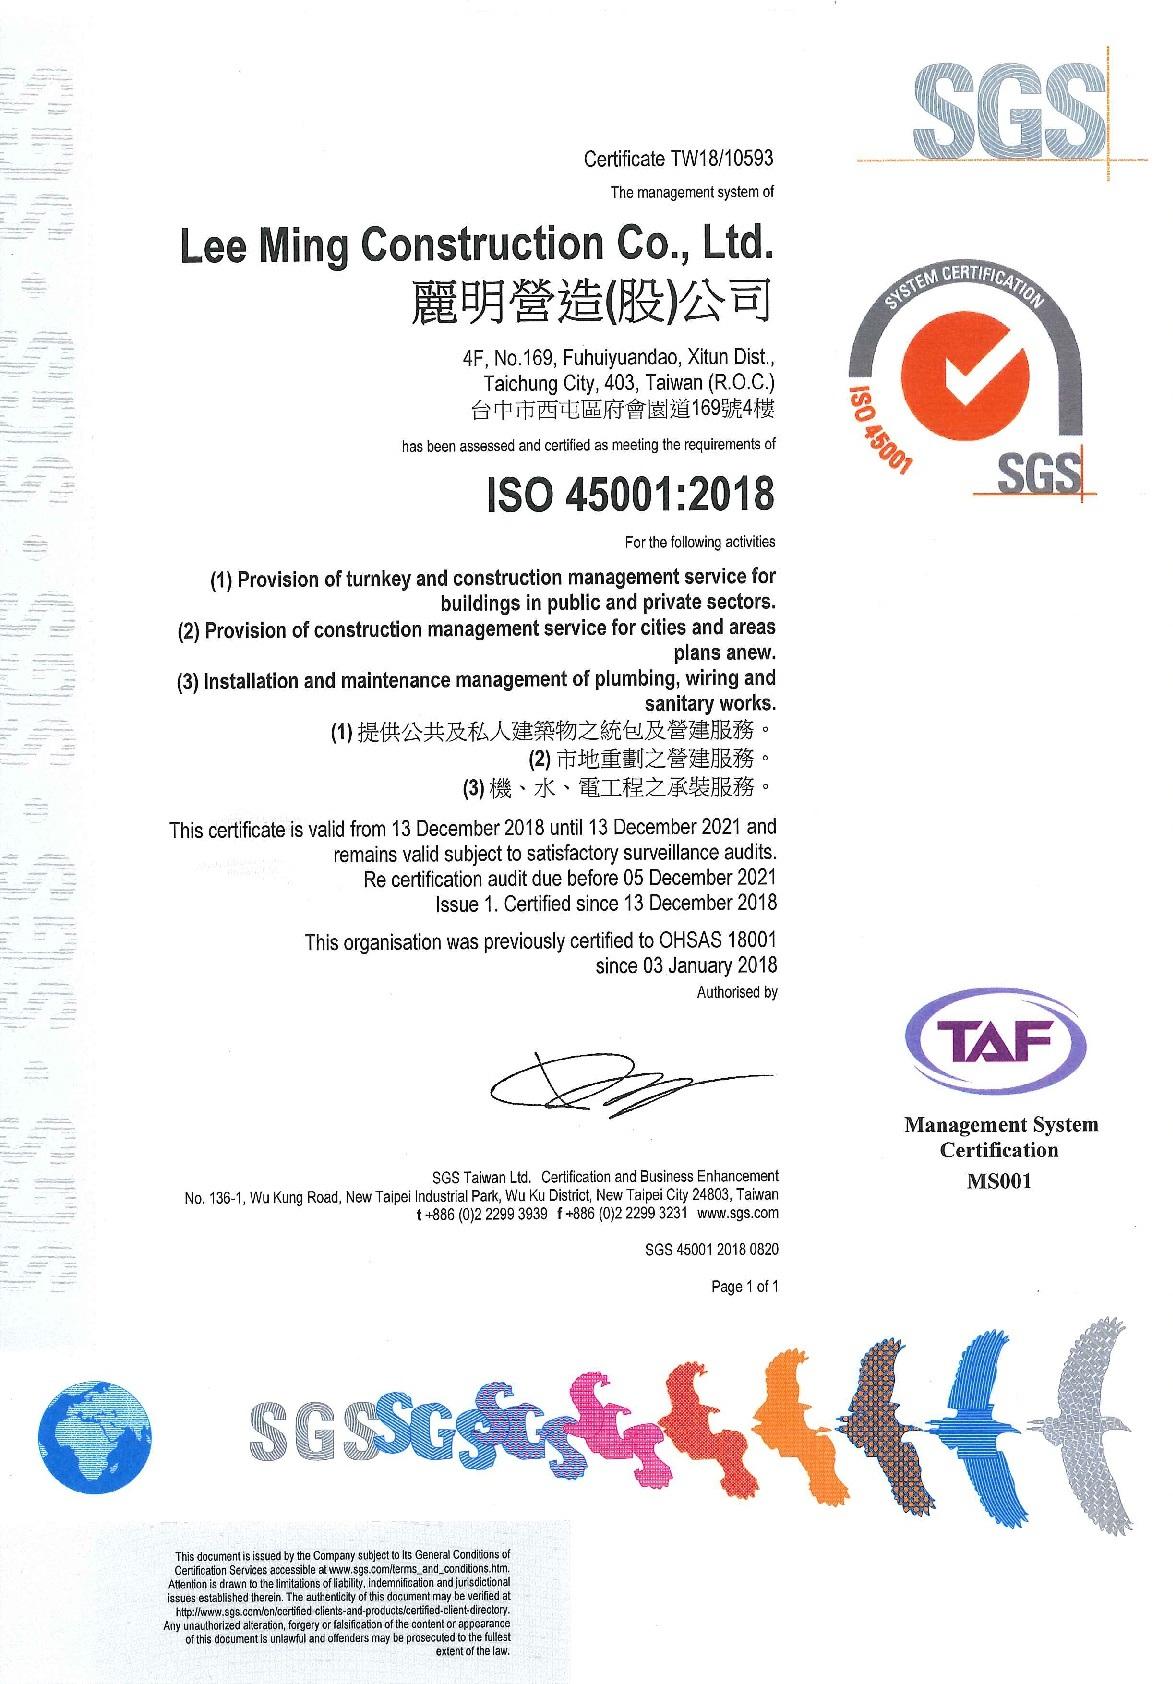 麗明營造取得ISO 45001職業健康安全管理系統國際認證